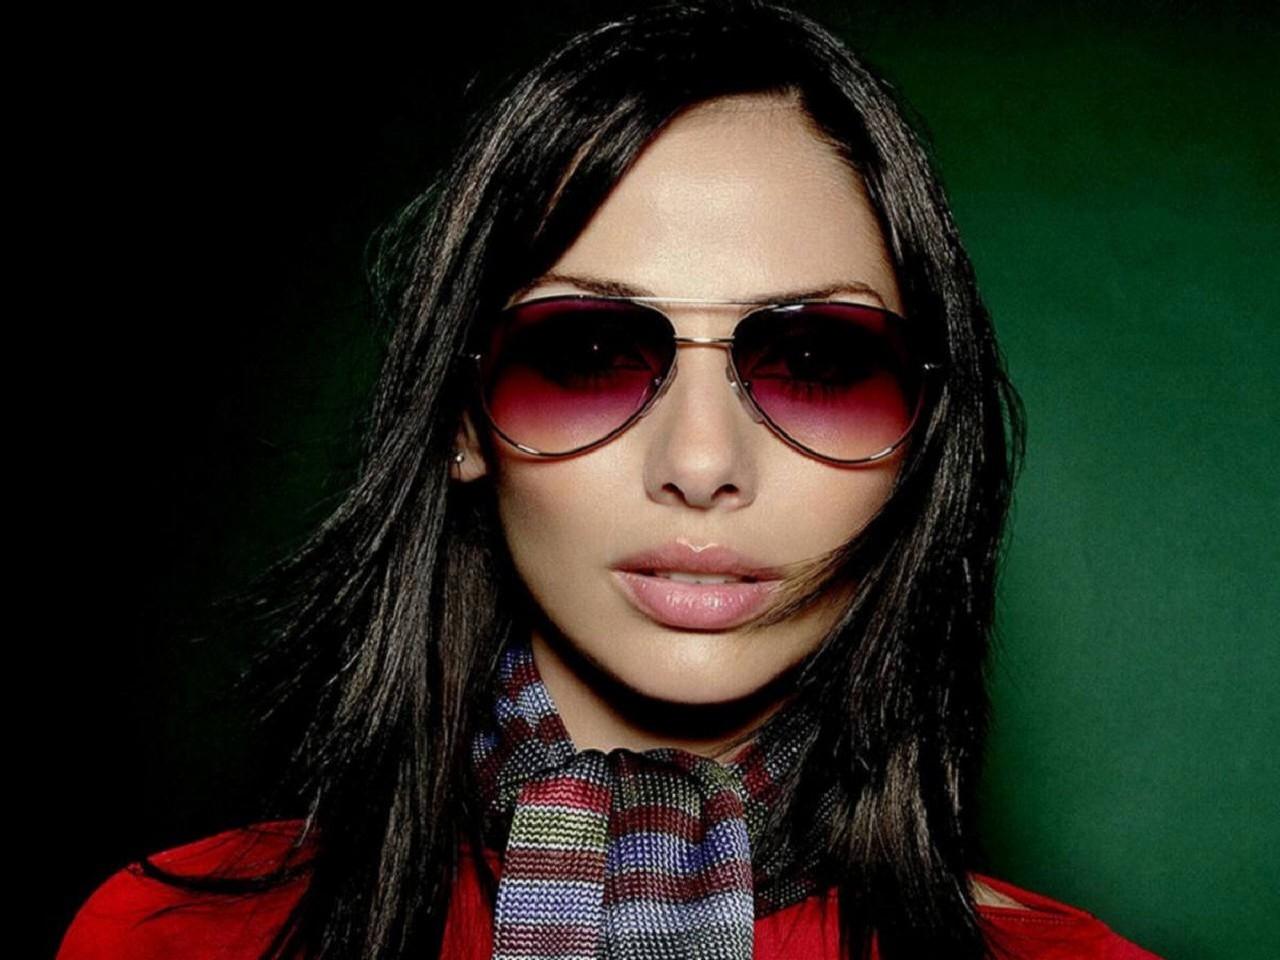 Wallpaper di Natalie Imbruglia con occhiali scuri